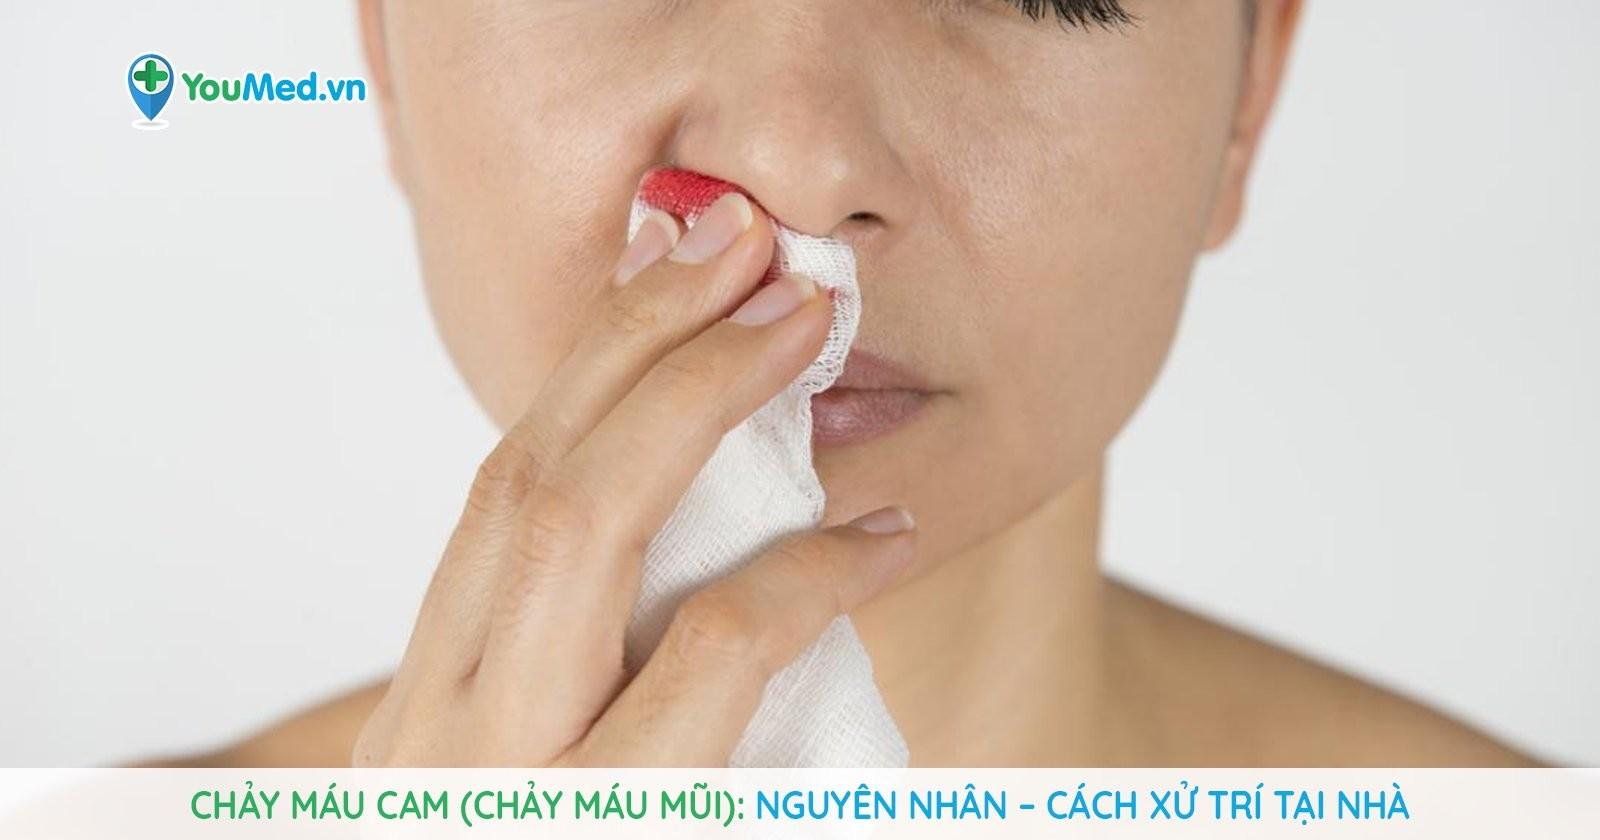 Chảy máu cam (chảy máu mũi): Nguyên nhân, cách xử trí tại nhà